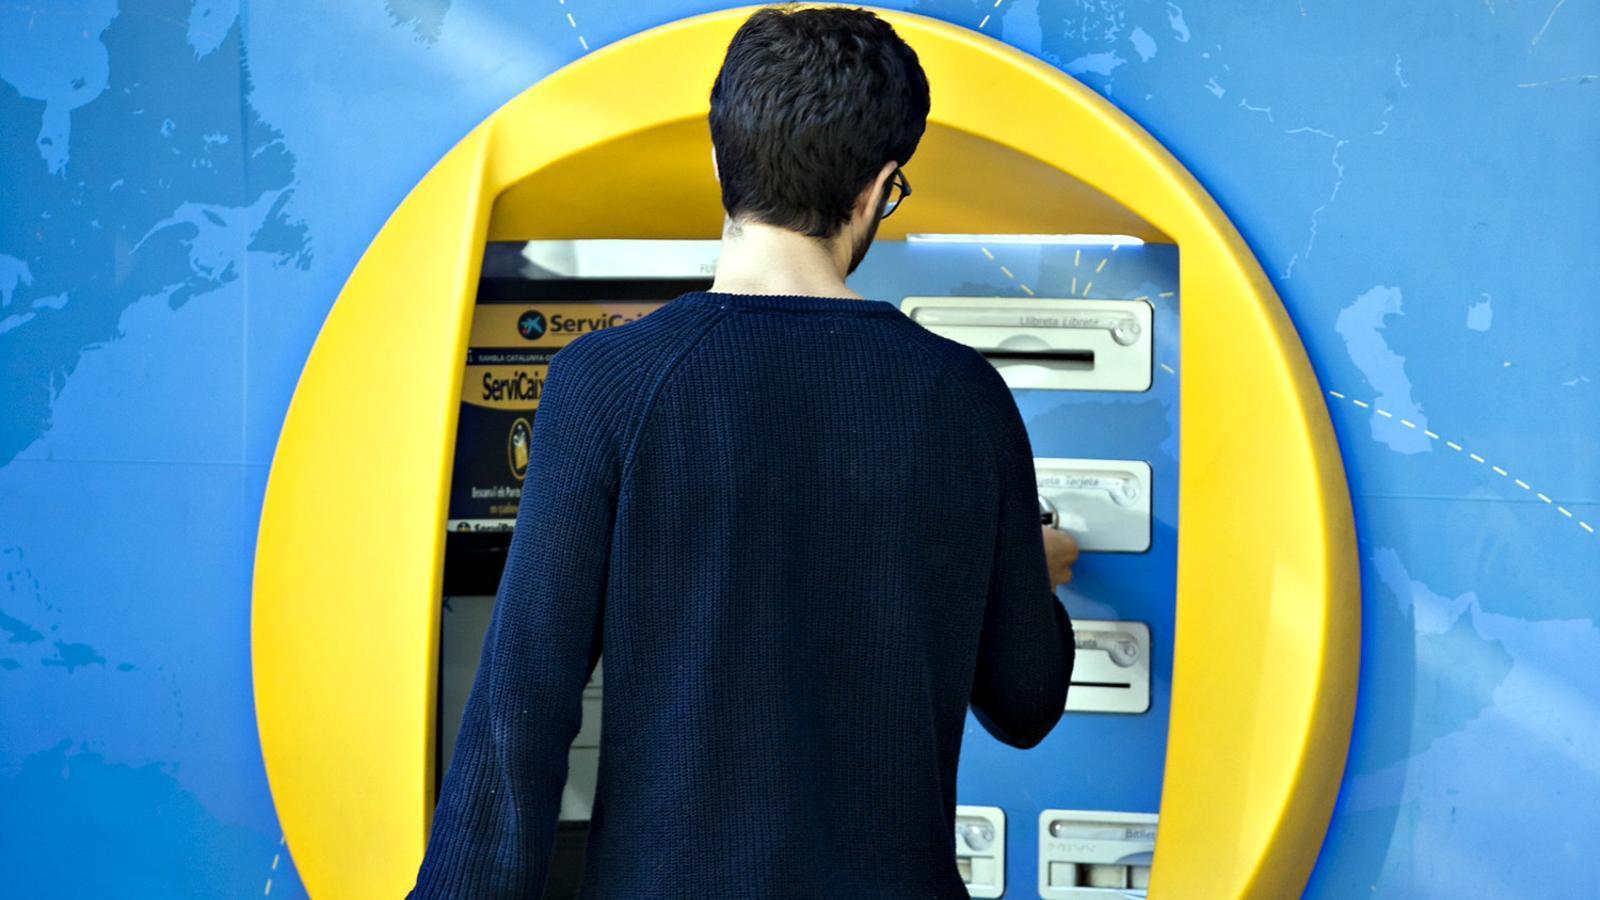 Qu haur de pagar per treure diners al caixer 5 claus for Oficinas caixabank madrid